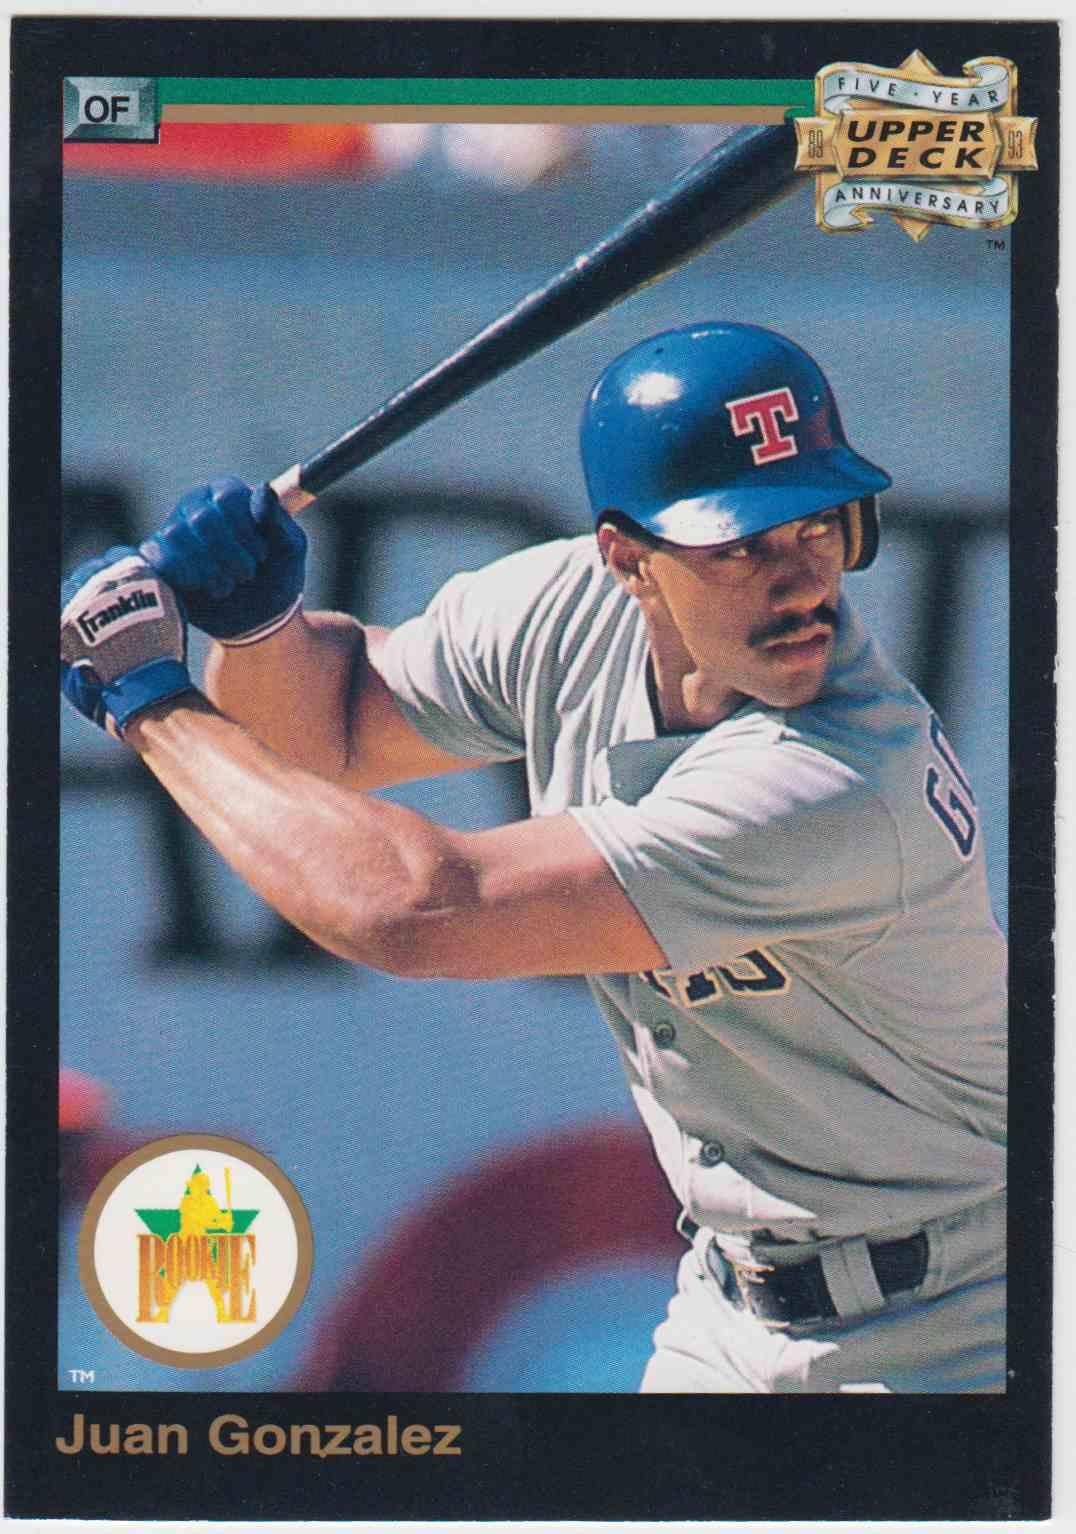 1993 Upper Deck Fifth Anniversary Jumbo Juan Gonzalez A6